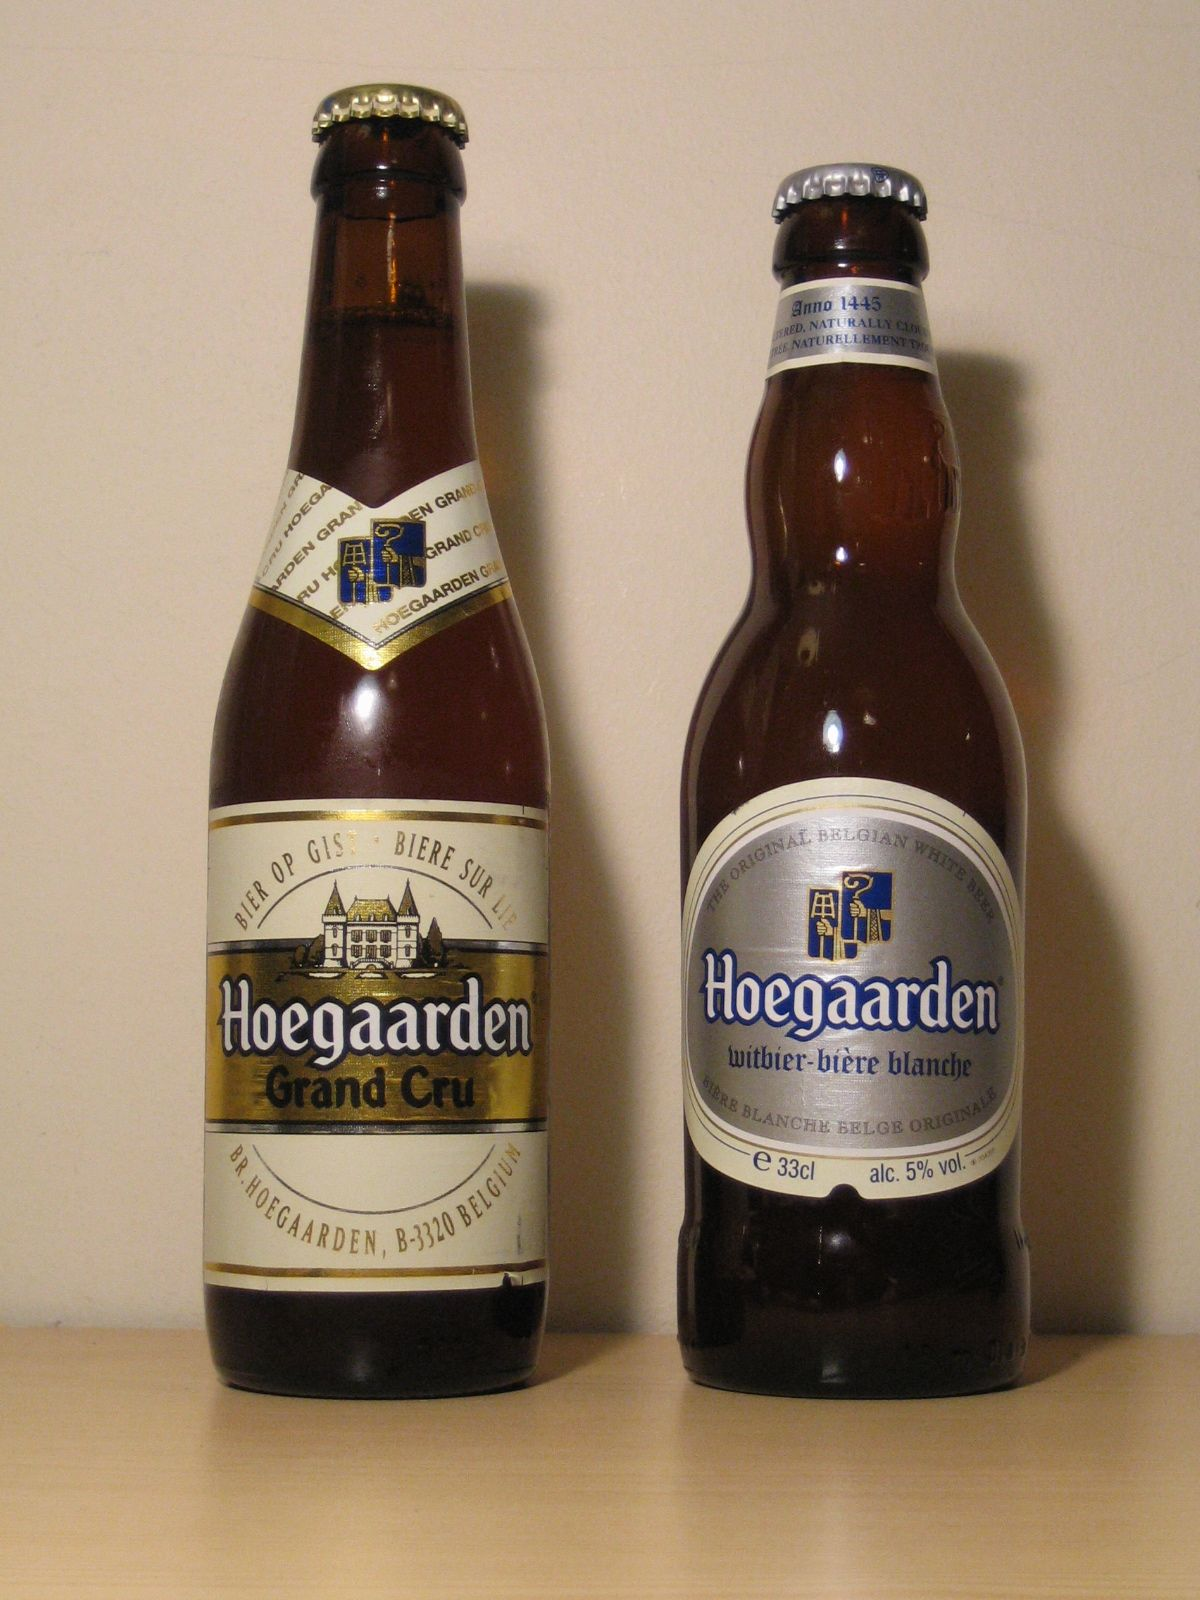 Hoegaardens Grand Cru Original Wheat Beer This Is A Wonderful